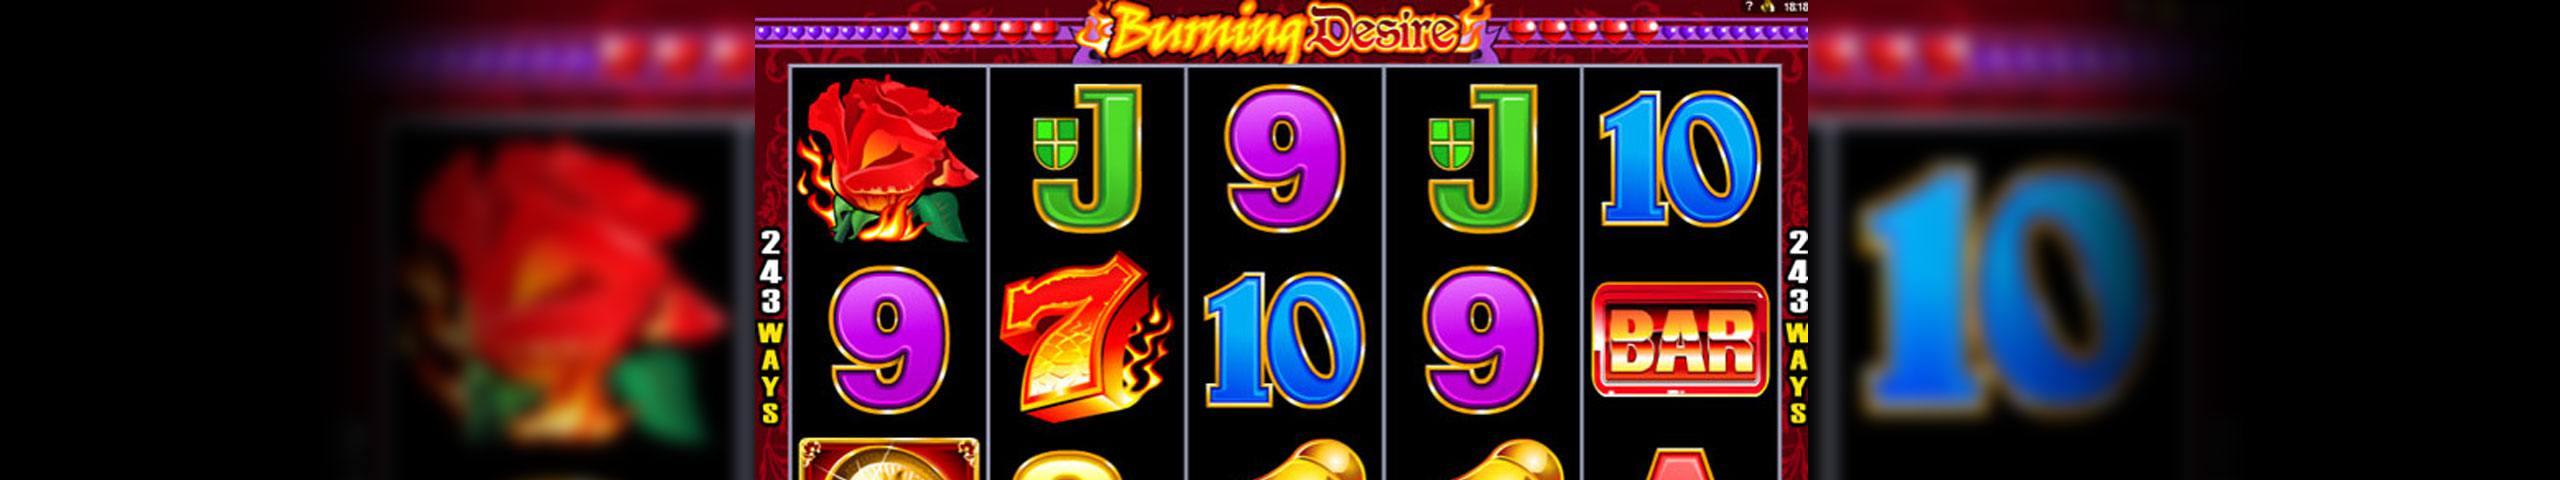 Burning Desire Microgaming spelautomater slider